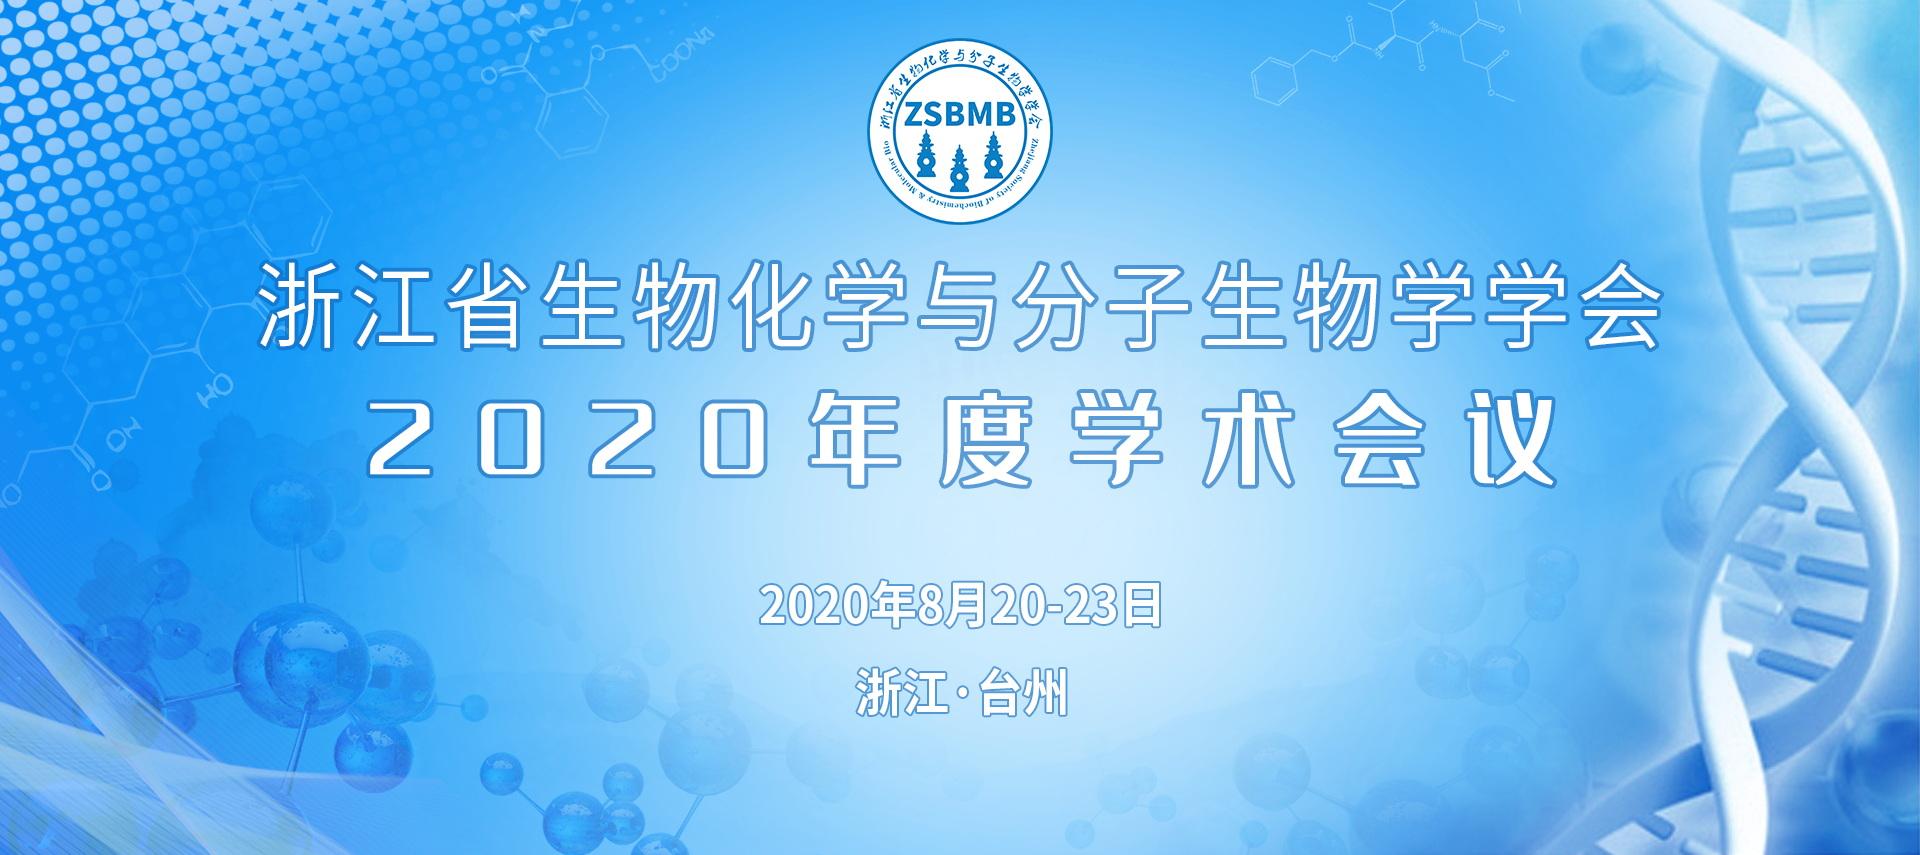 浙江省生物化学与分子生物学学会2020年度学术会议